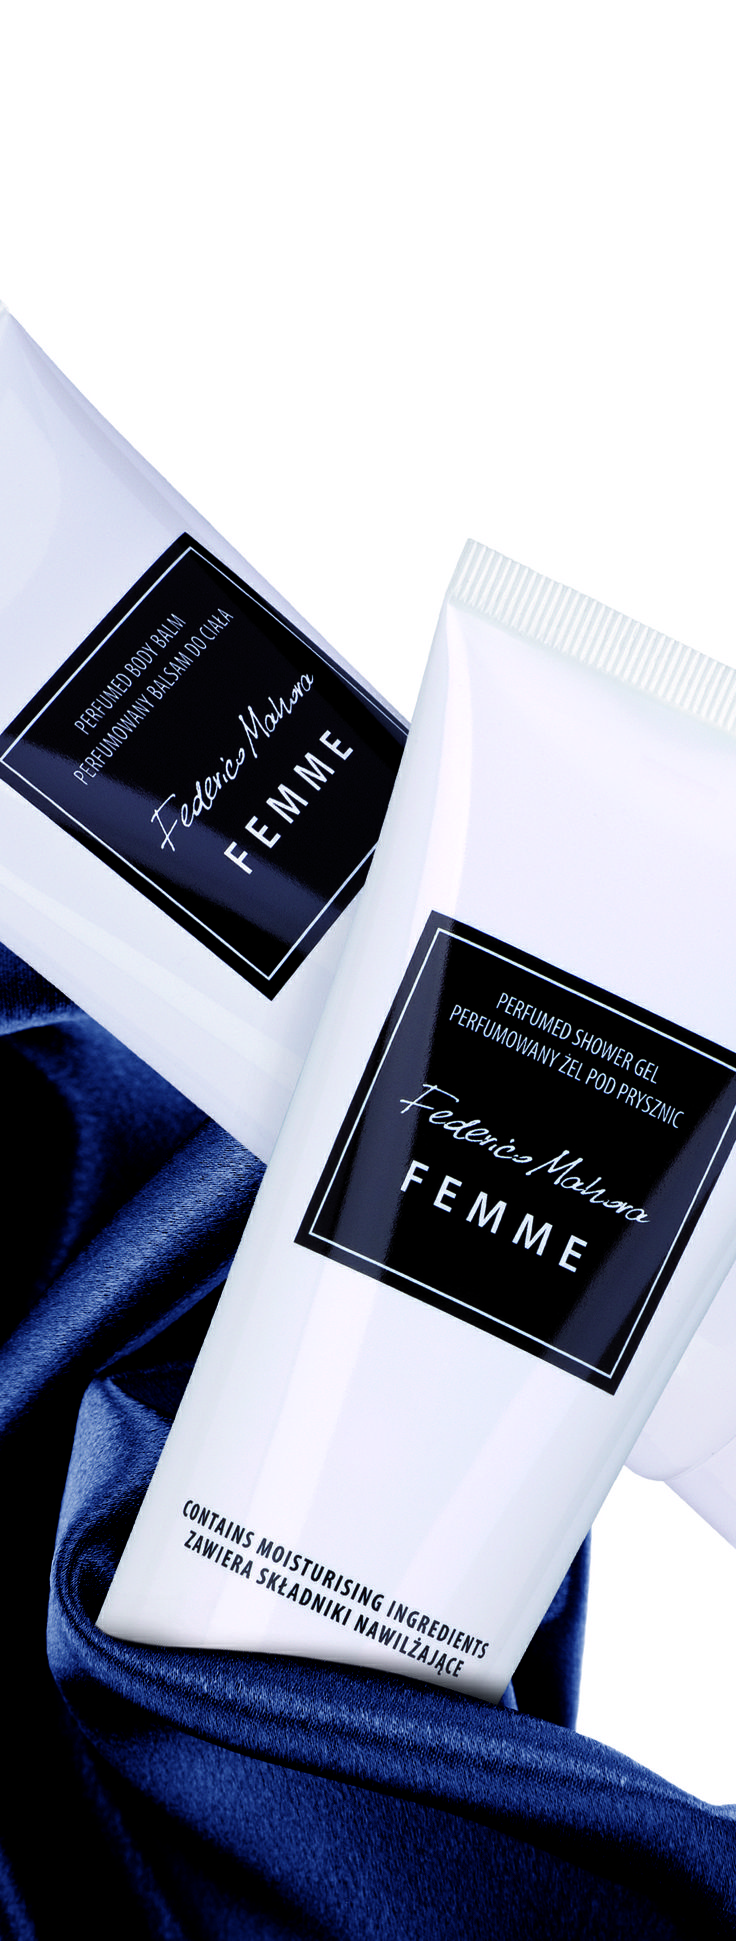 Γυναικεία σειρά περιποίησης σώματος Federico Mahora, καθημερινή απαλότητα με ευχάριστο άρωμα!